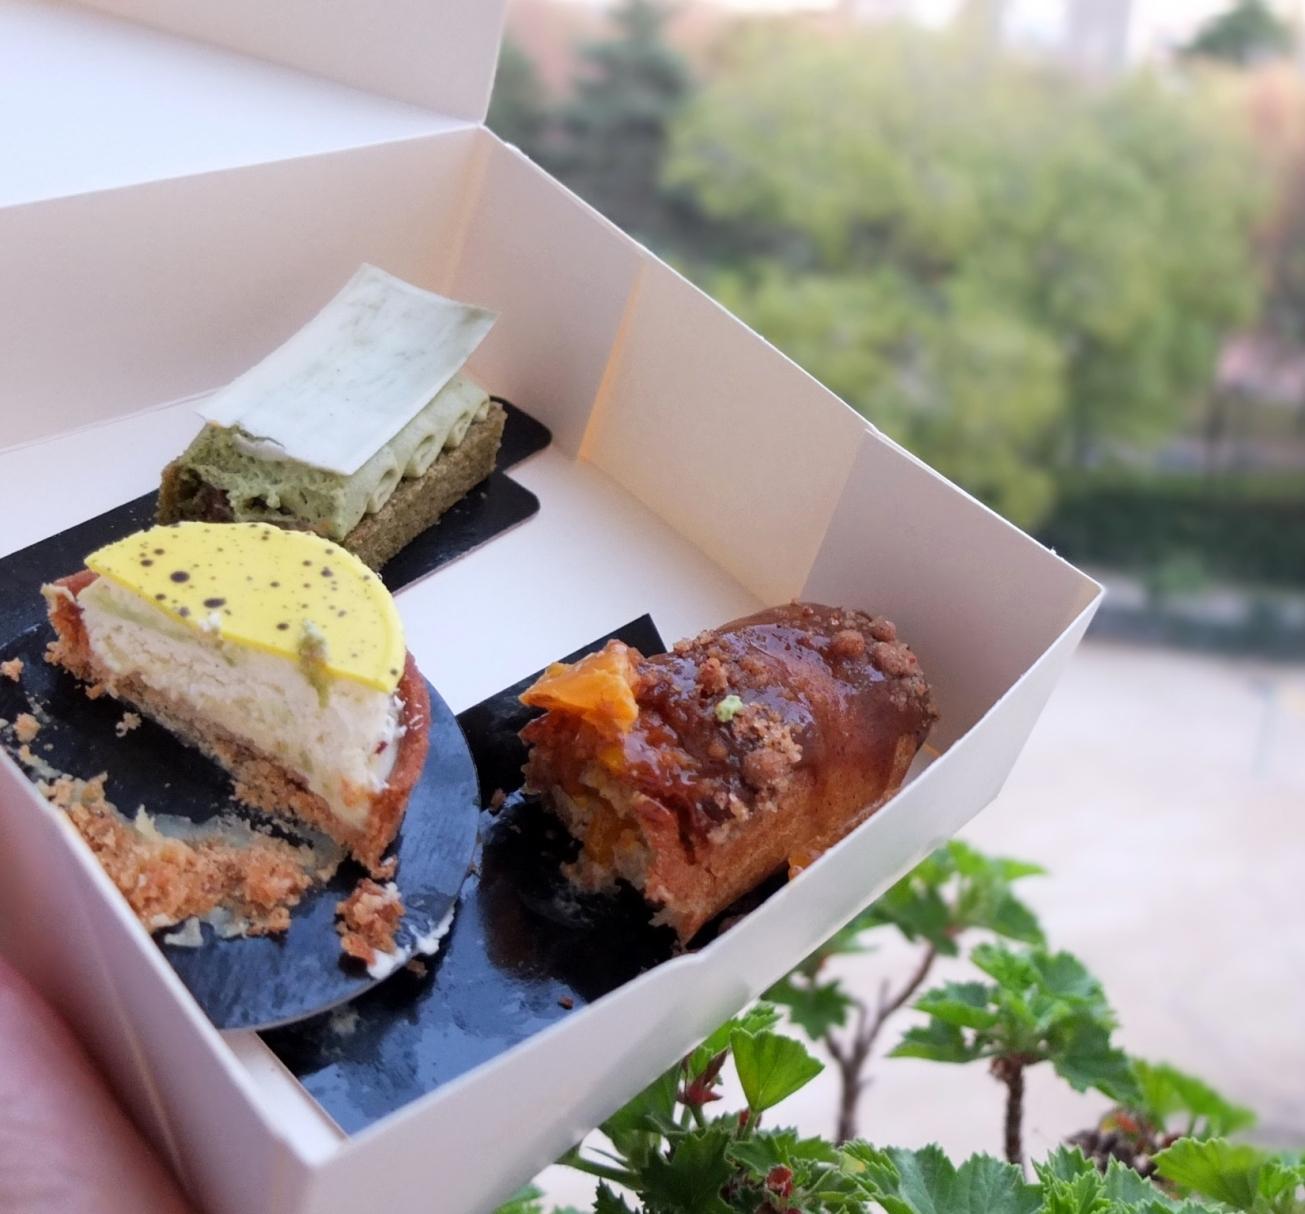 Eugéne cakes